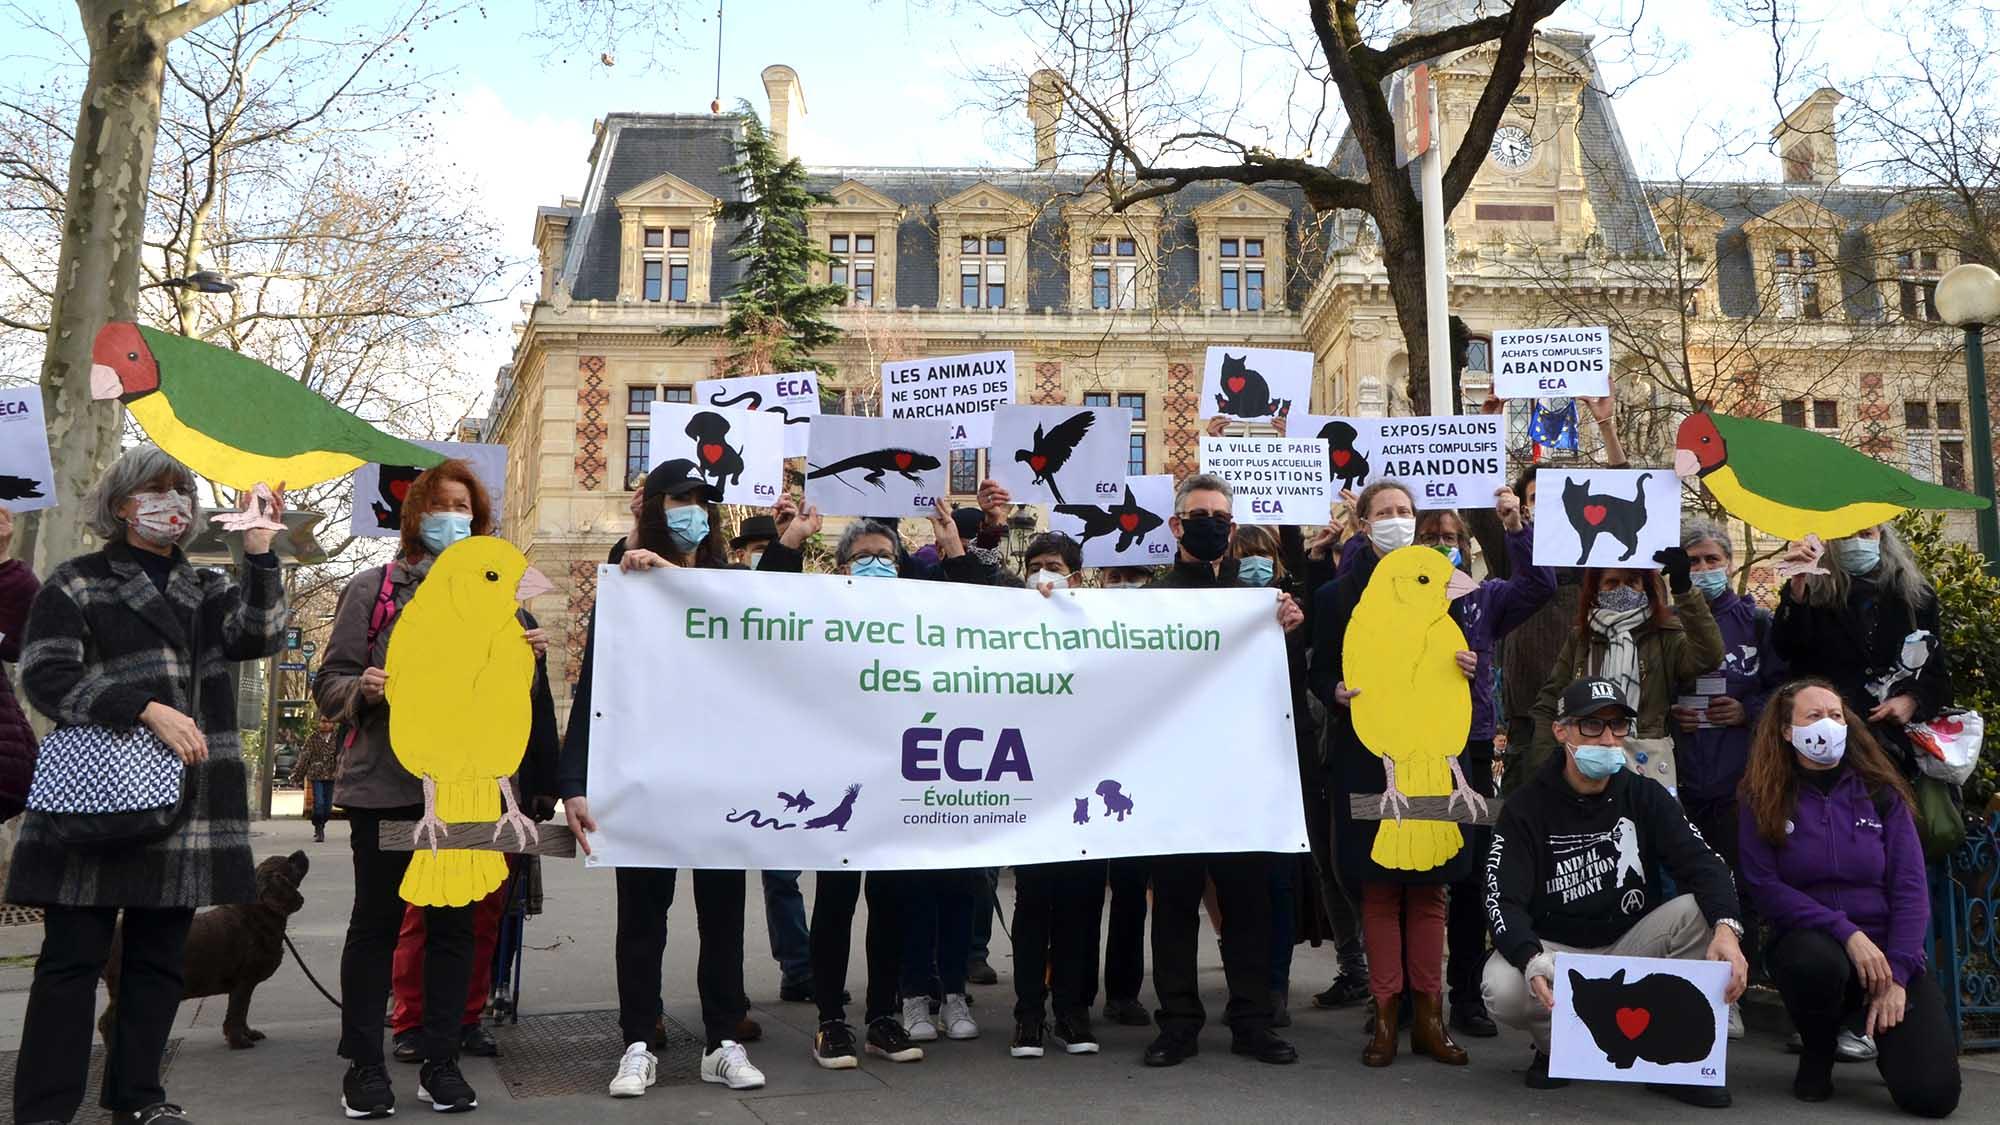 Un pas important contre la marchandisation des animaux à Paris